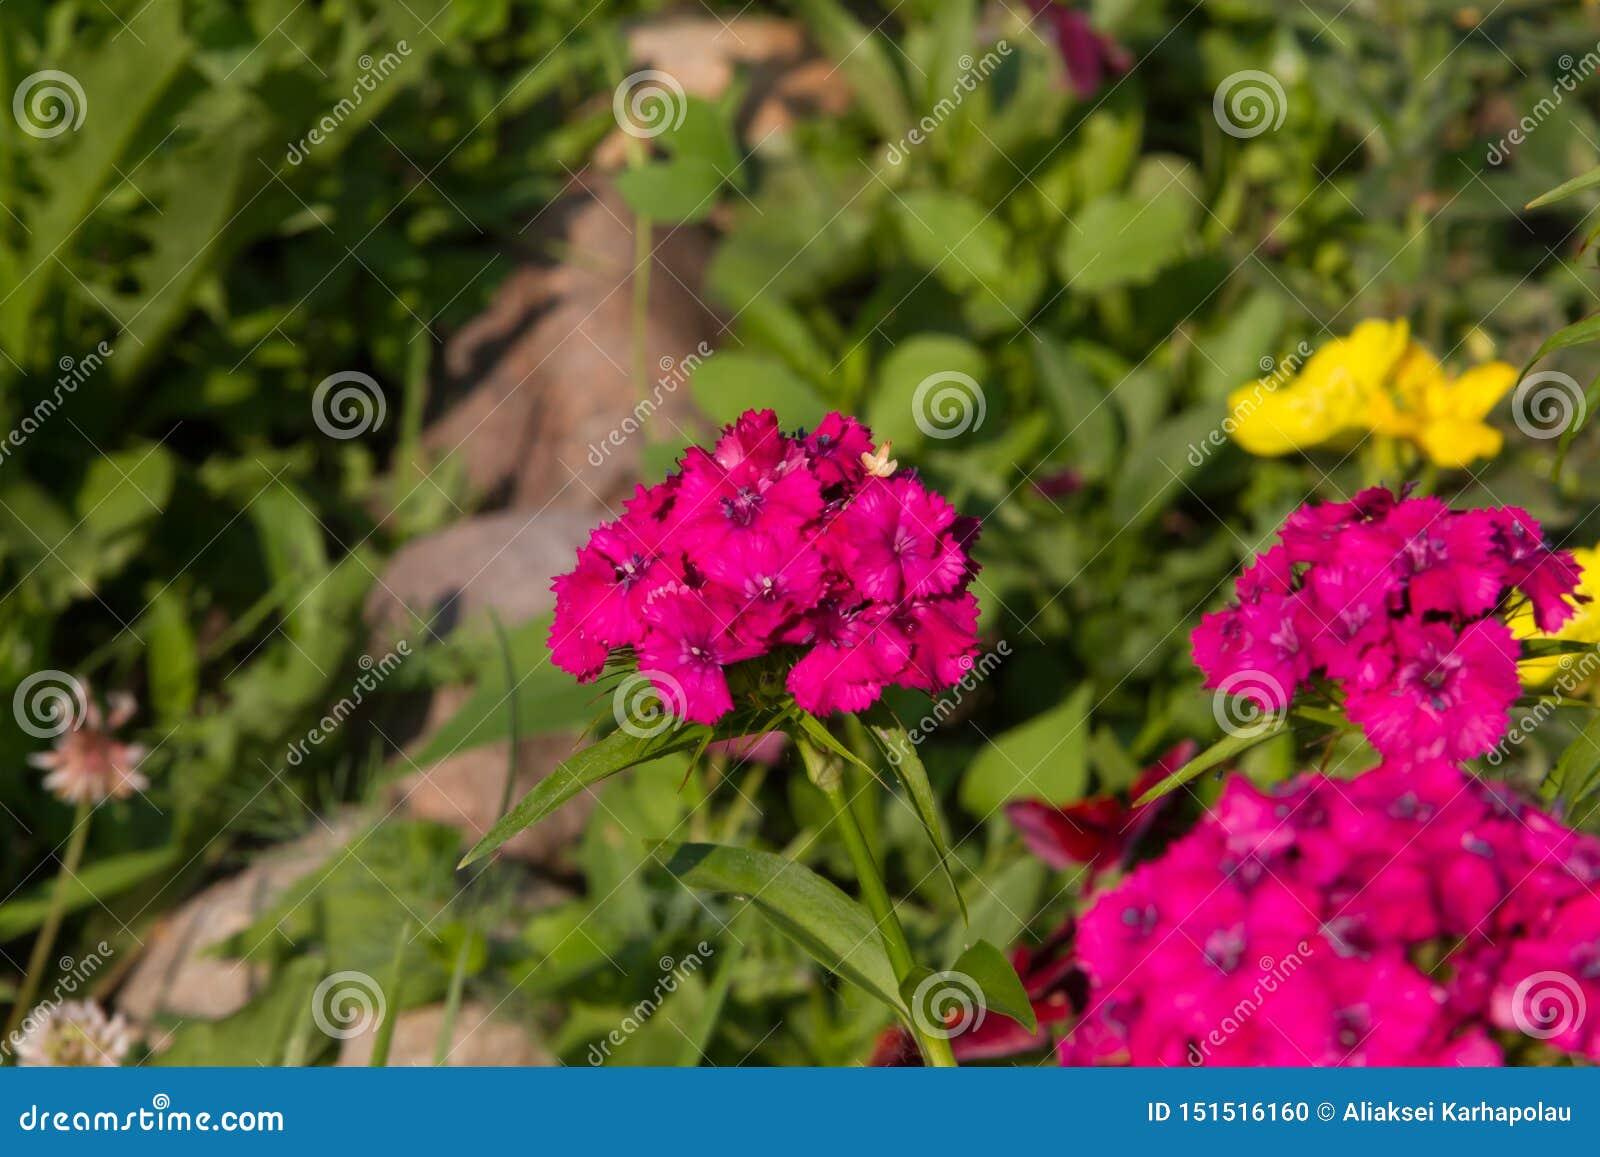 土耳其康乃馨美丽的花在夏天晴朗的庭院里